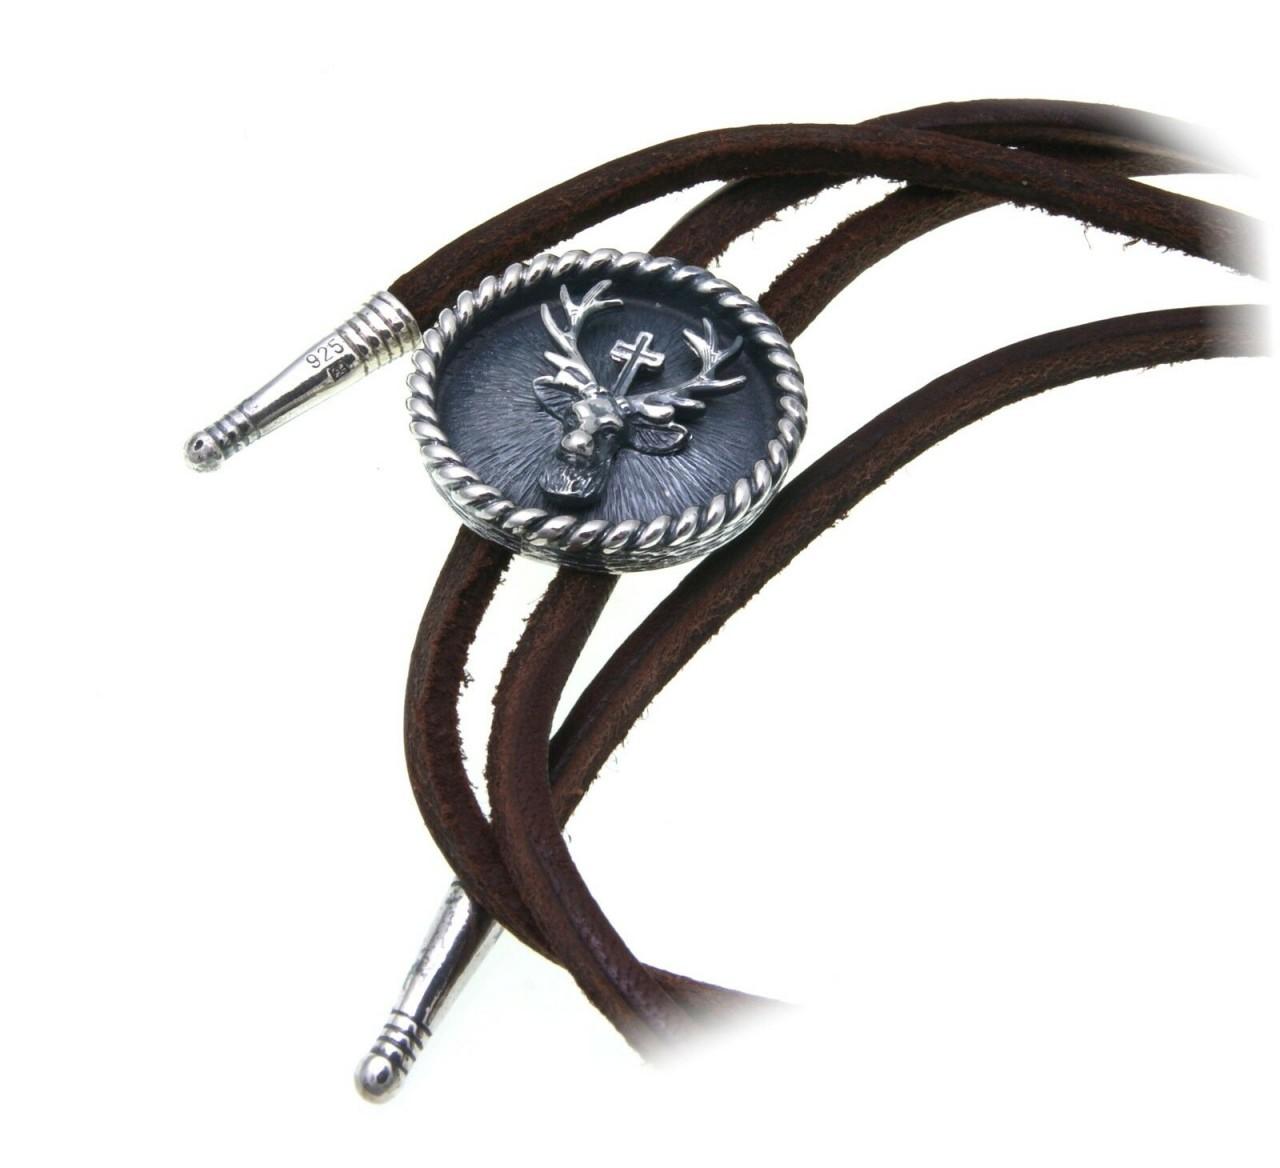 Leder Collier Hubertus echt Silber 925 Jagdschmuck Hirsch Kreuz